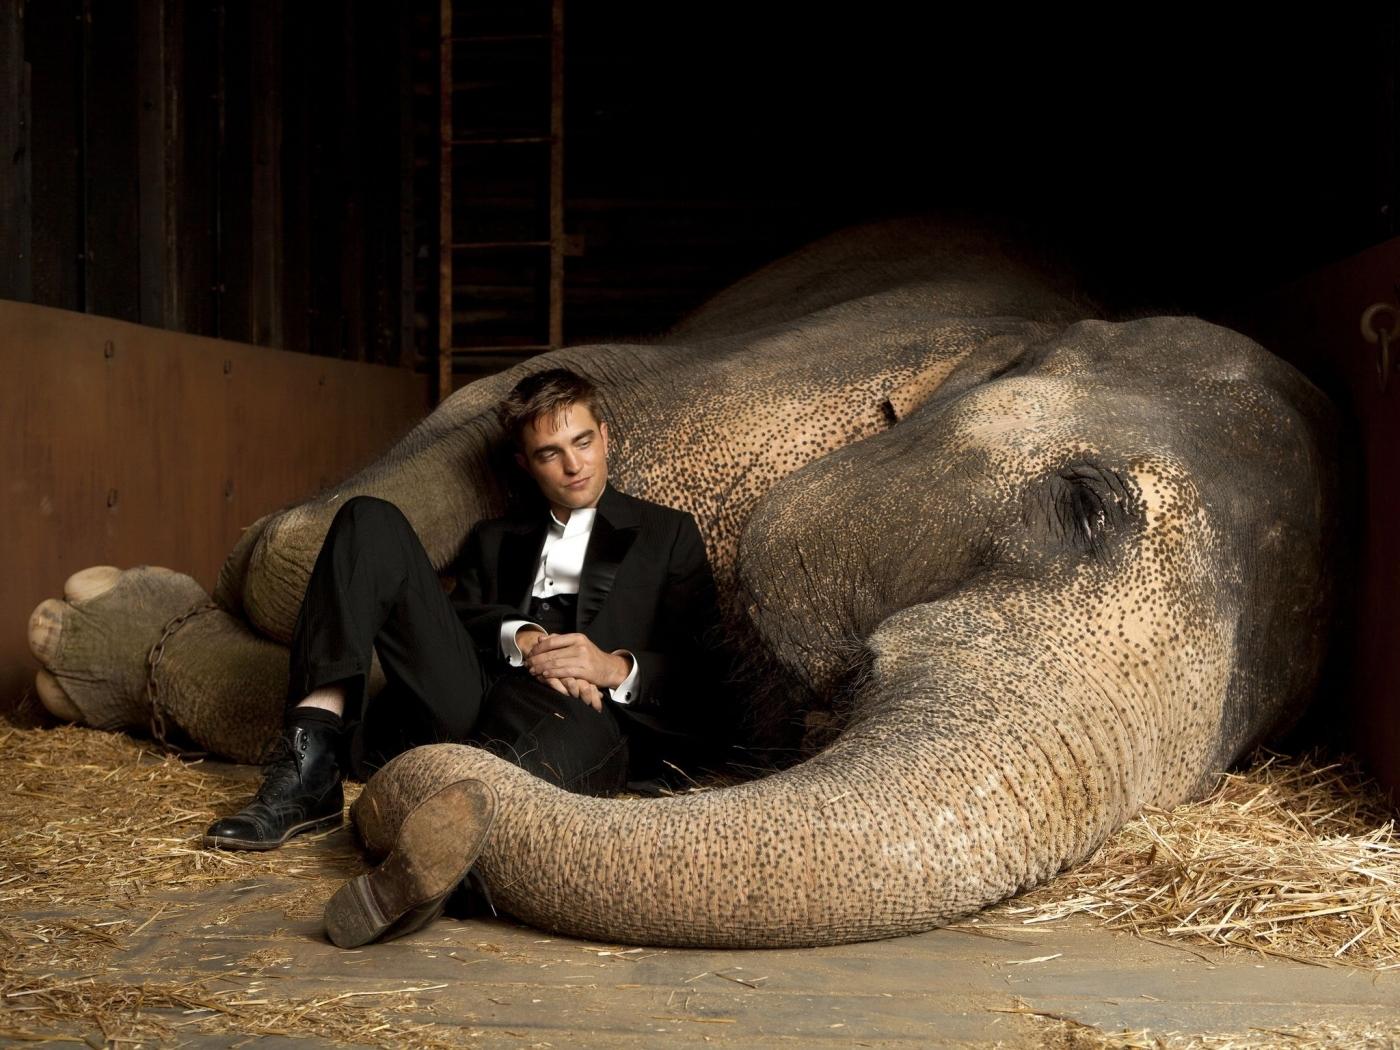 23865 descargar fondo de pantalla Cine, Animales, Personas, Actores, Hombres, Elefantes, Robert Pattinson: protectores de pantalla e imágenes gratis